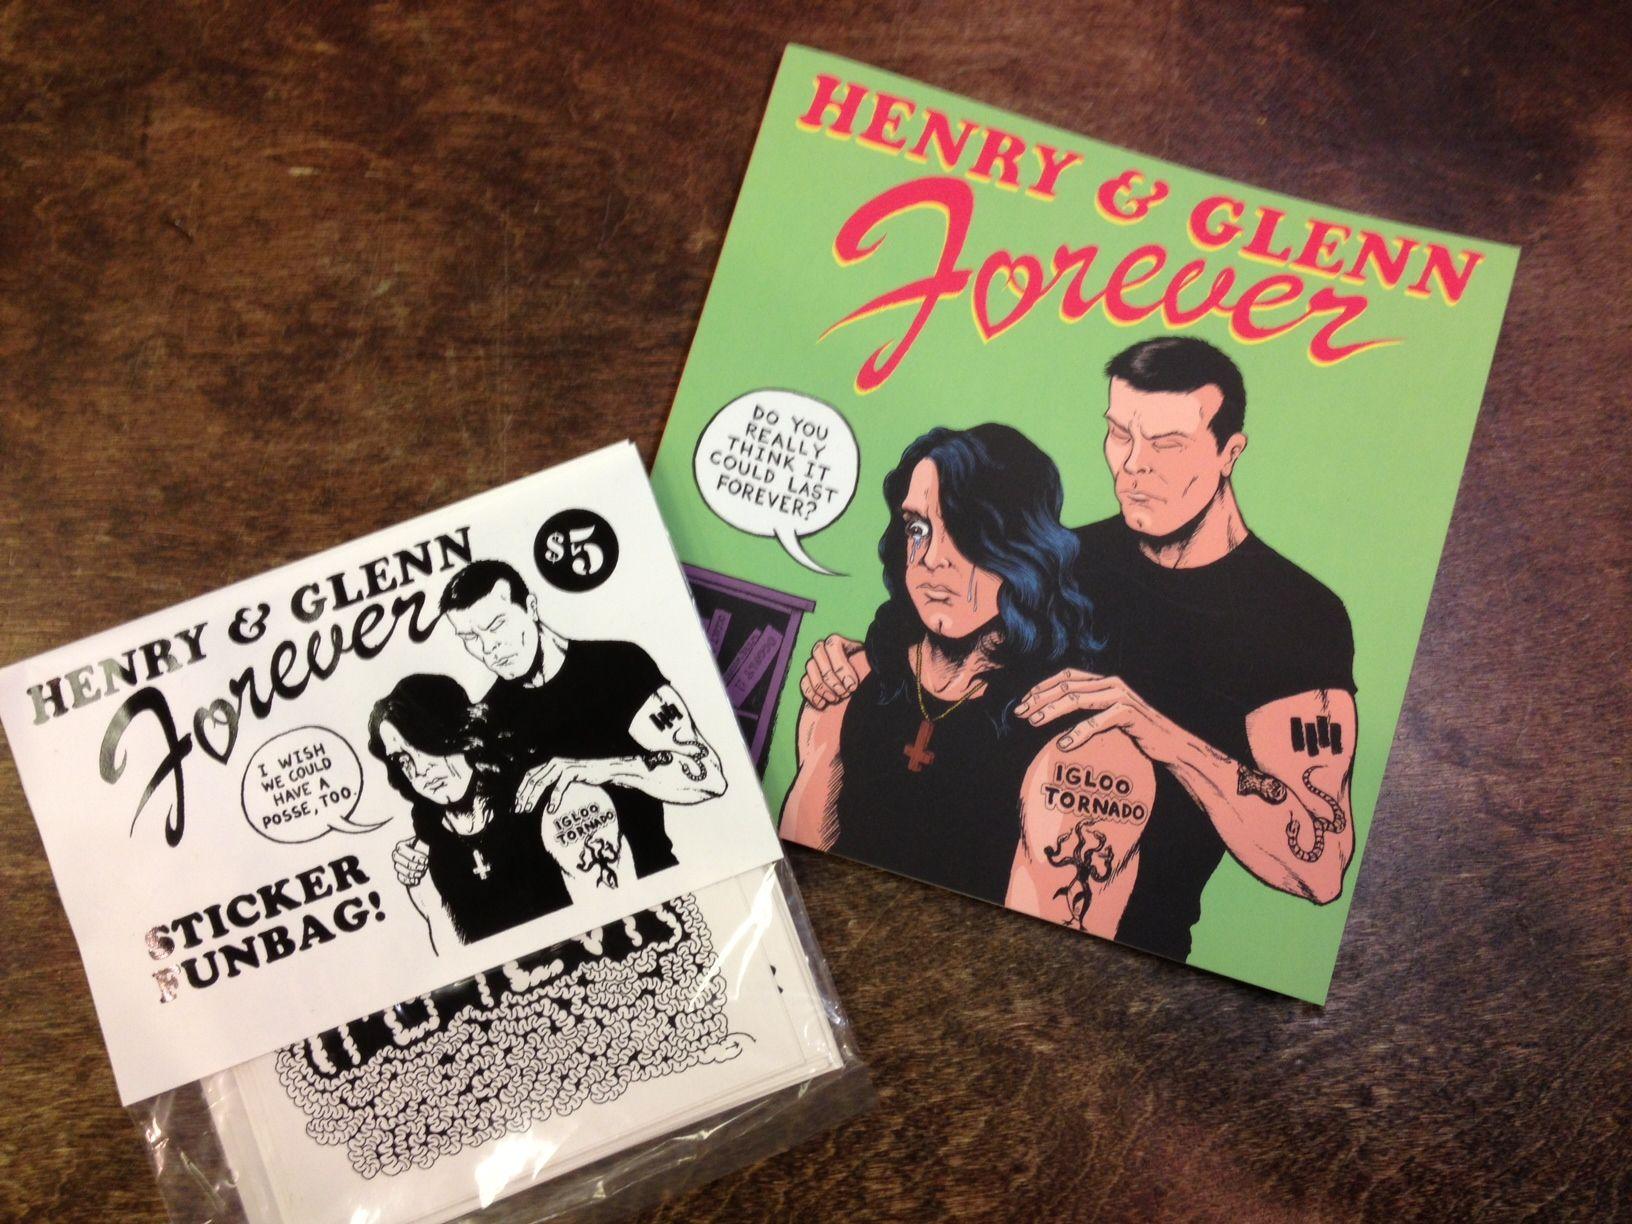 Henry Rollins & Glenn Danzig Forever Book & Sticker Pack #blackflag #misfits #henryrollins #glenndanzig #truelove